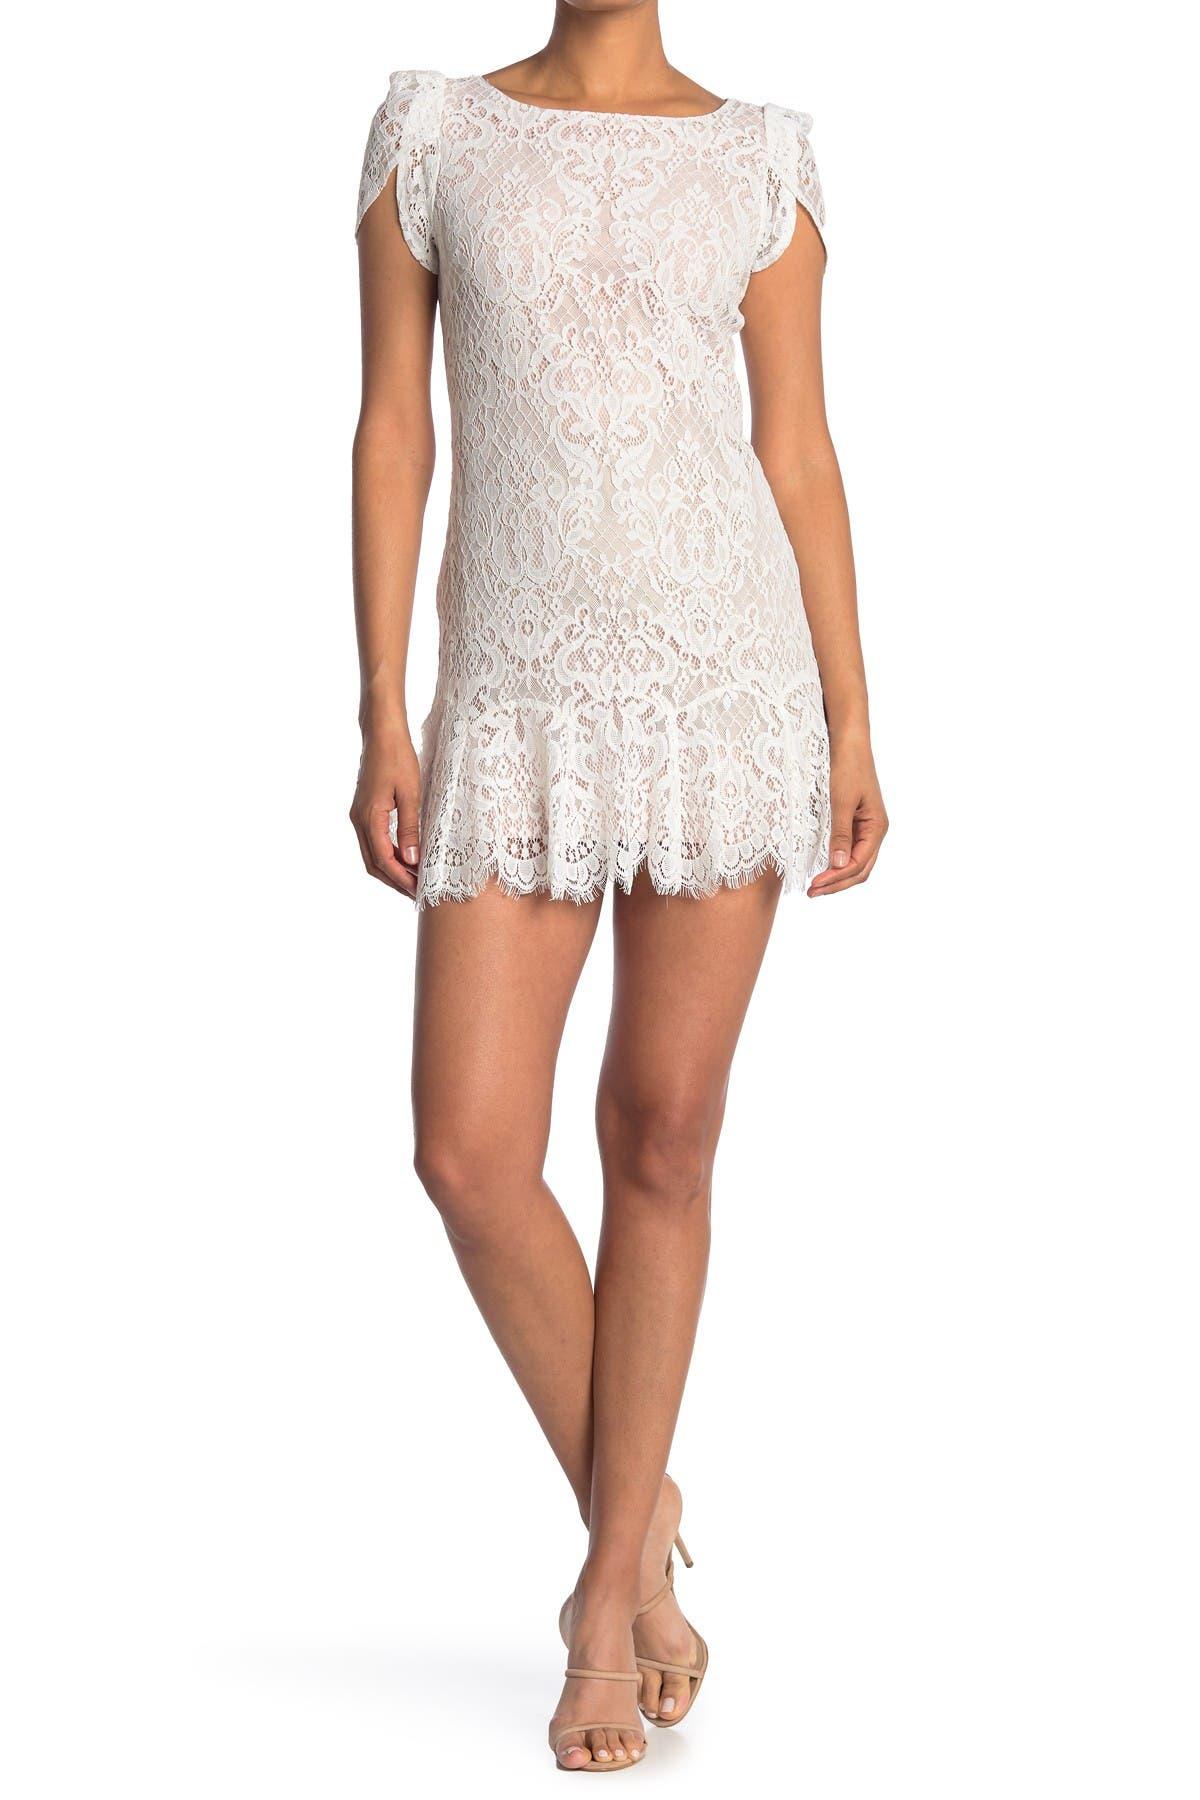 Image of BB Dakota Fast Lace Environment Dress